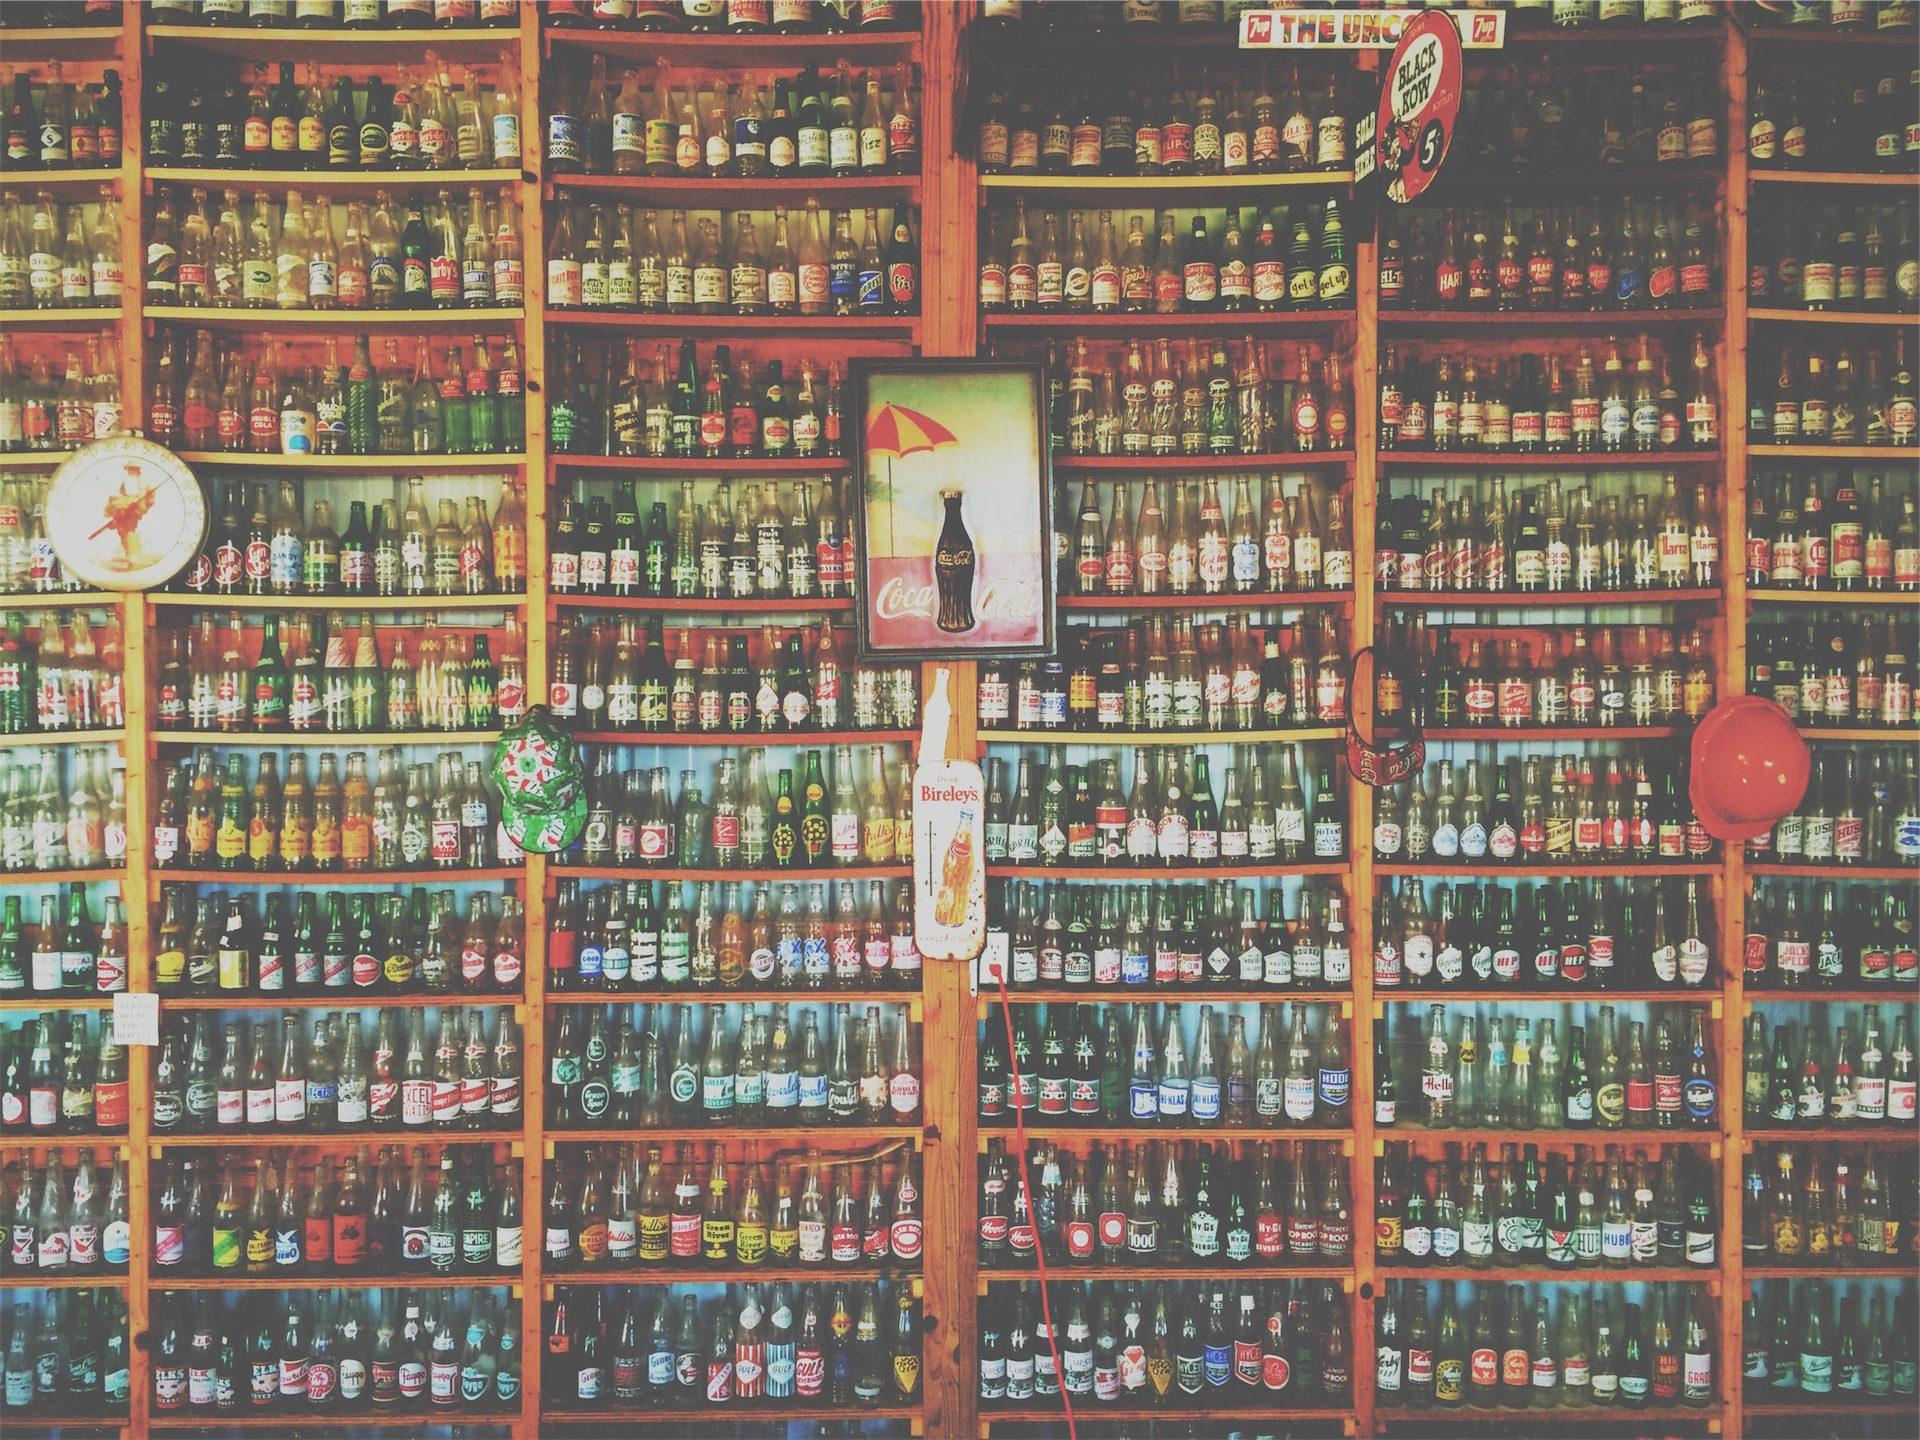 bottiglie, bevande analcoliche, birra, scaffalature, collezione - Sfondi HD - Professor-falken.com